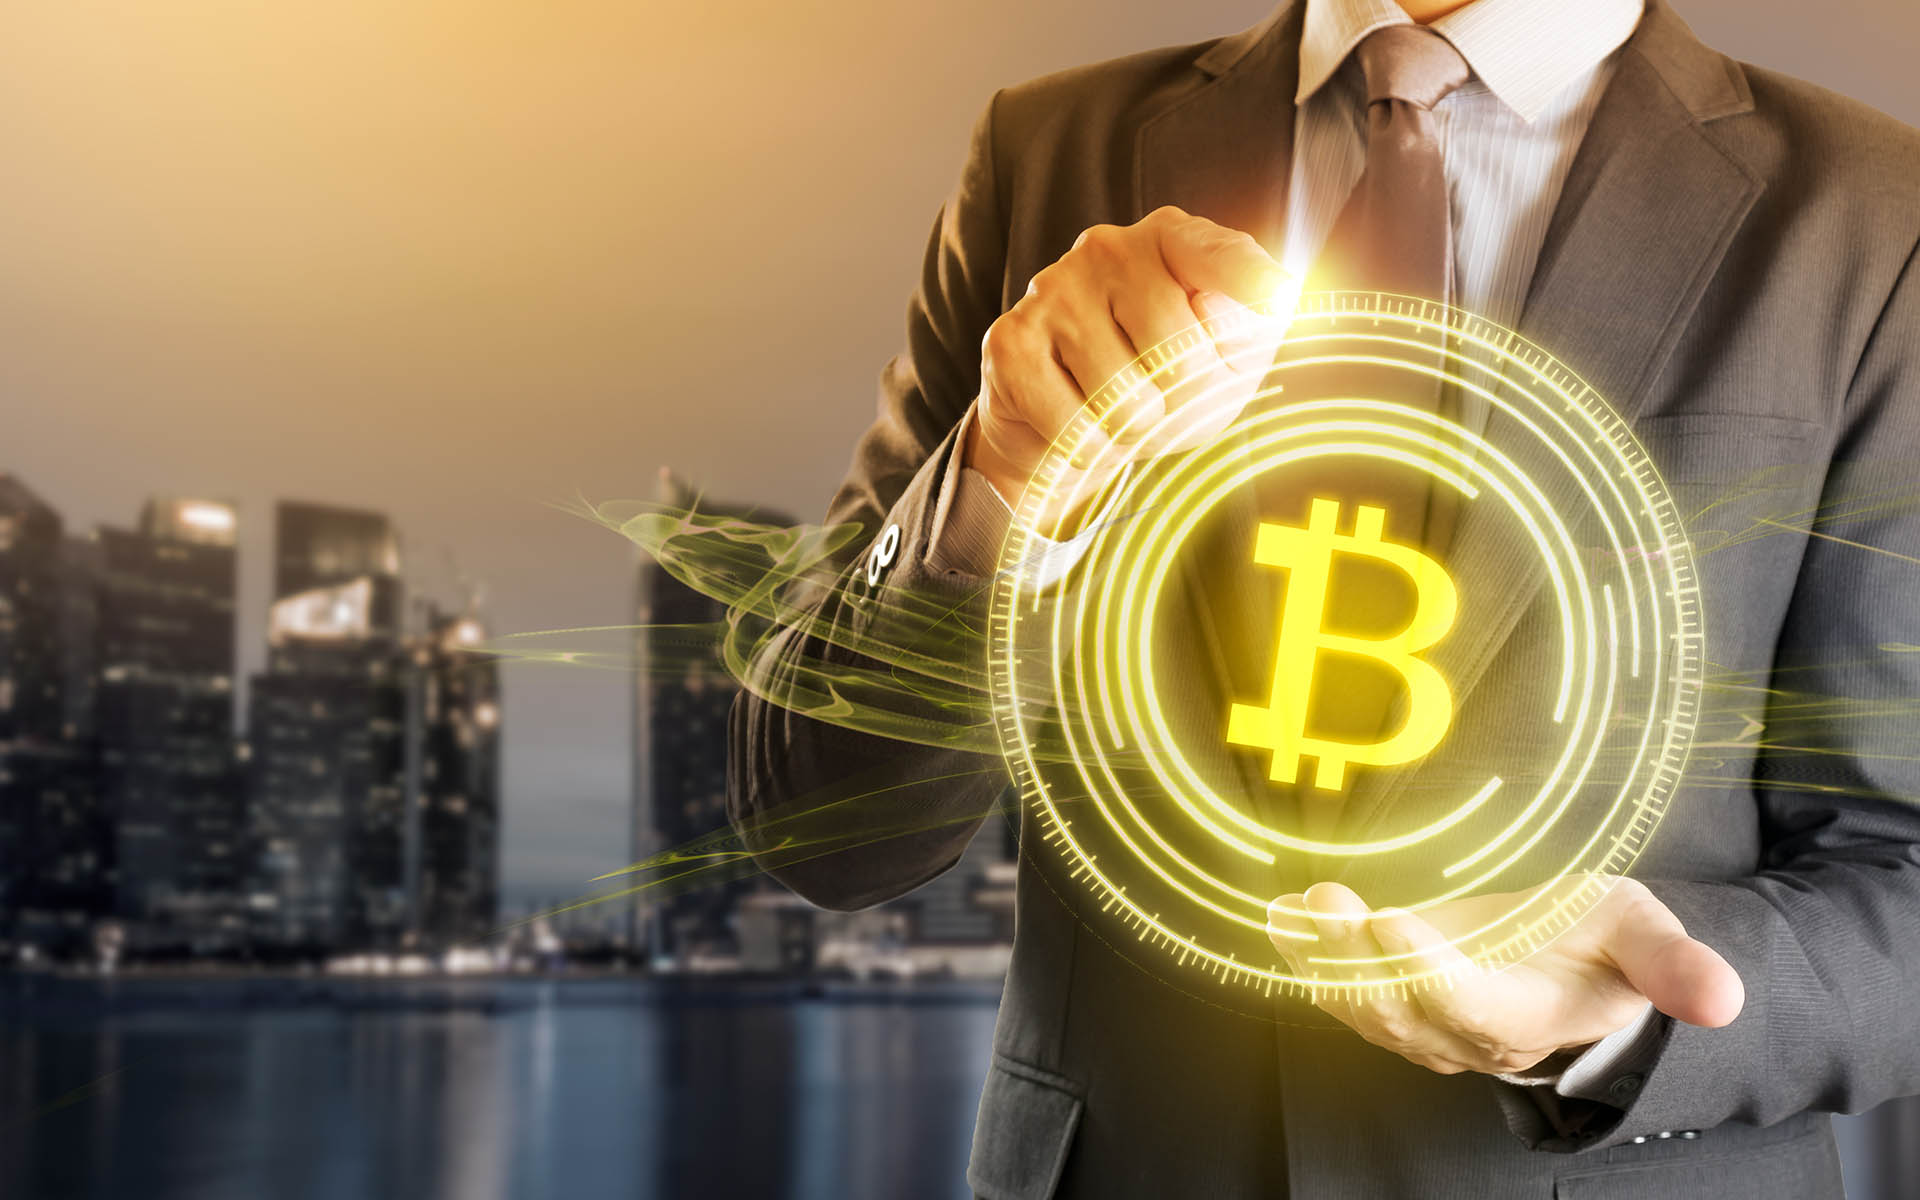 仮想通貨 NEMのハッキング問題で見る投資の危険性と貨幣の価値変動